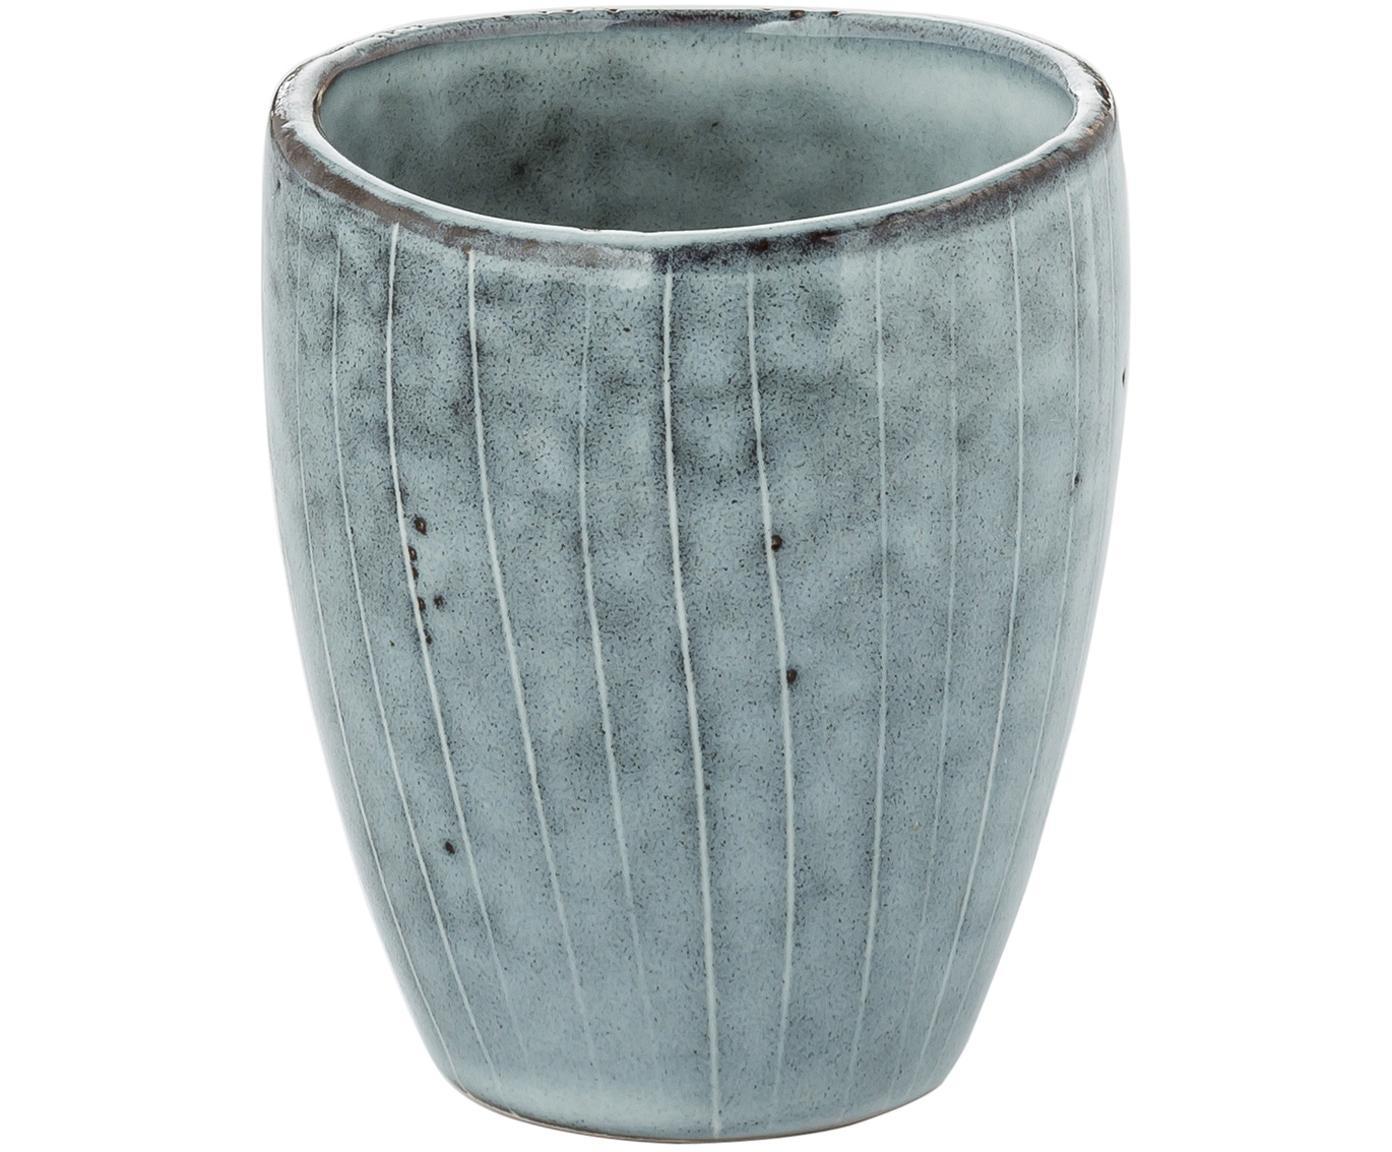 Tazas artesanales Nordic Sea, 6uds., Gres, Tonos de gris y azul, Ø 8 x Al 10 cm